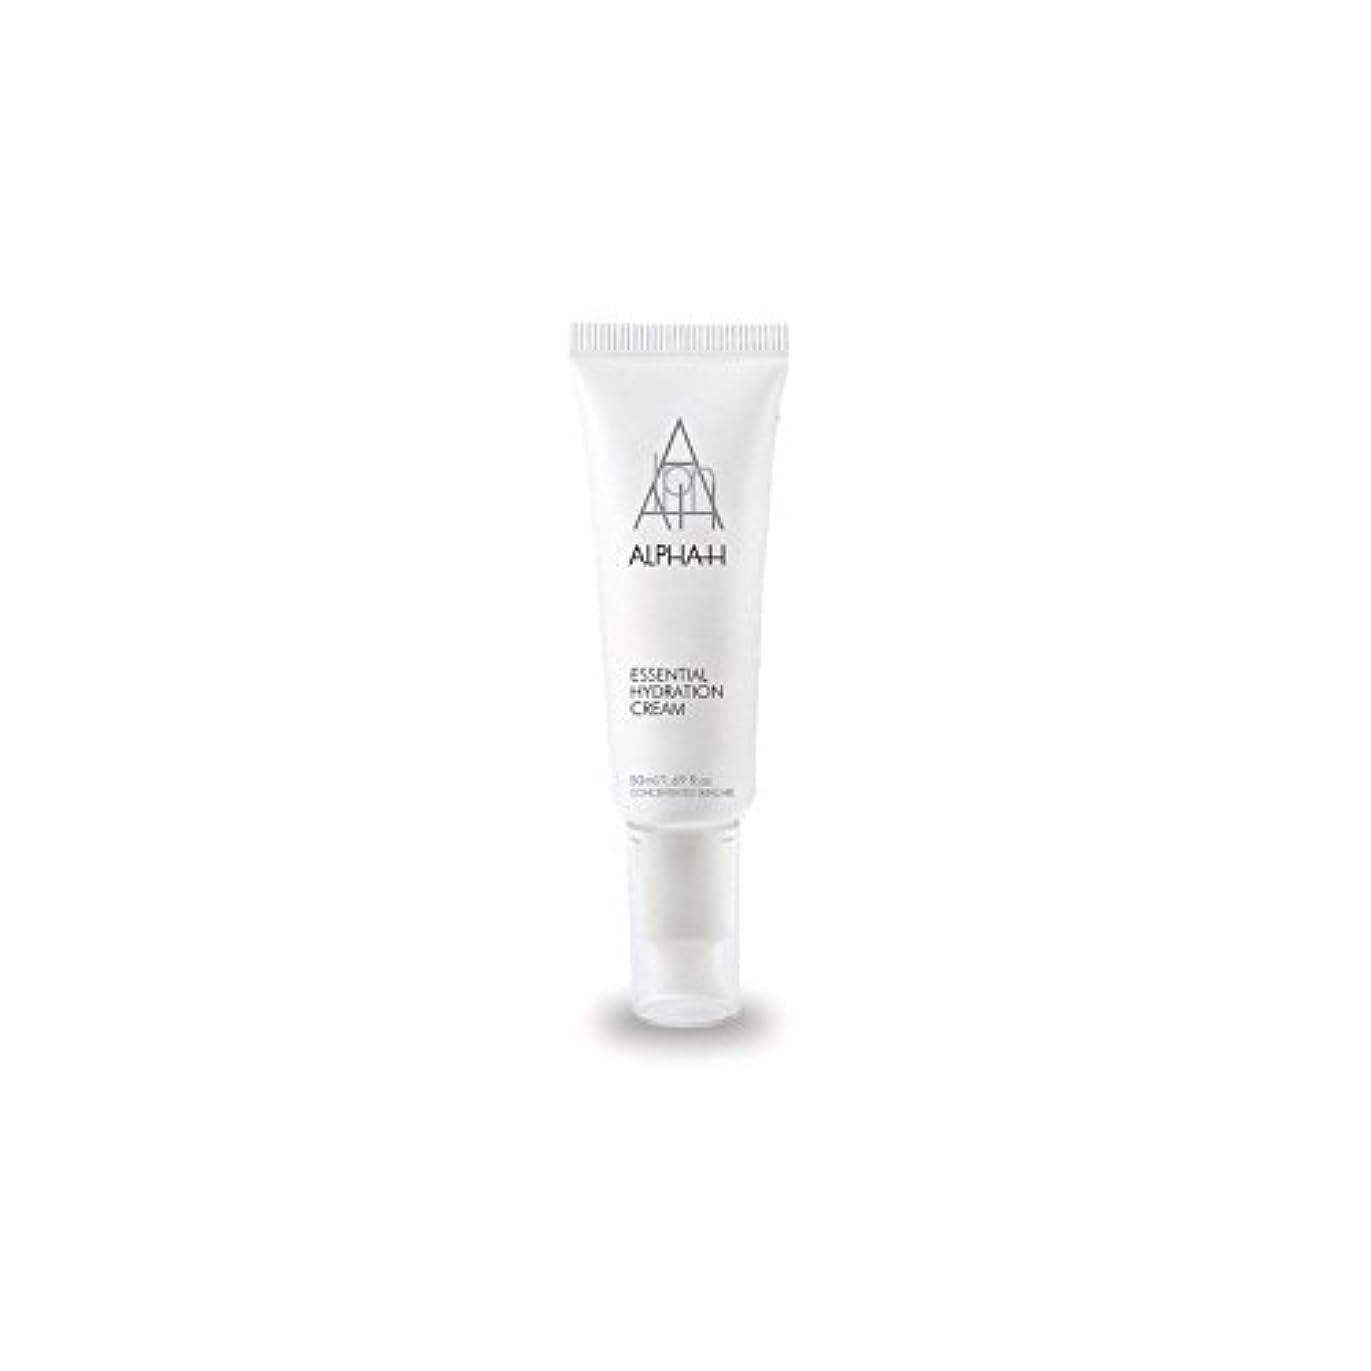 パス兵隊豆腐アルファ必須水和クリーム(50)中 x2 - Alpha-H Essential Hydration Cream (50ml) (Pack of 2) [並行輸入品]